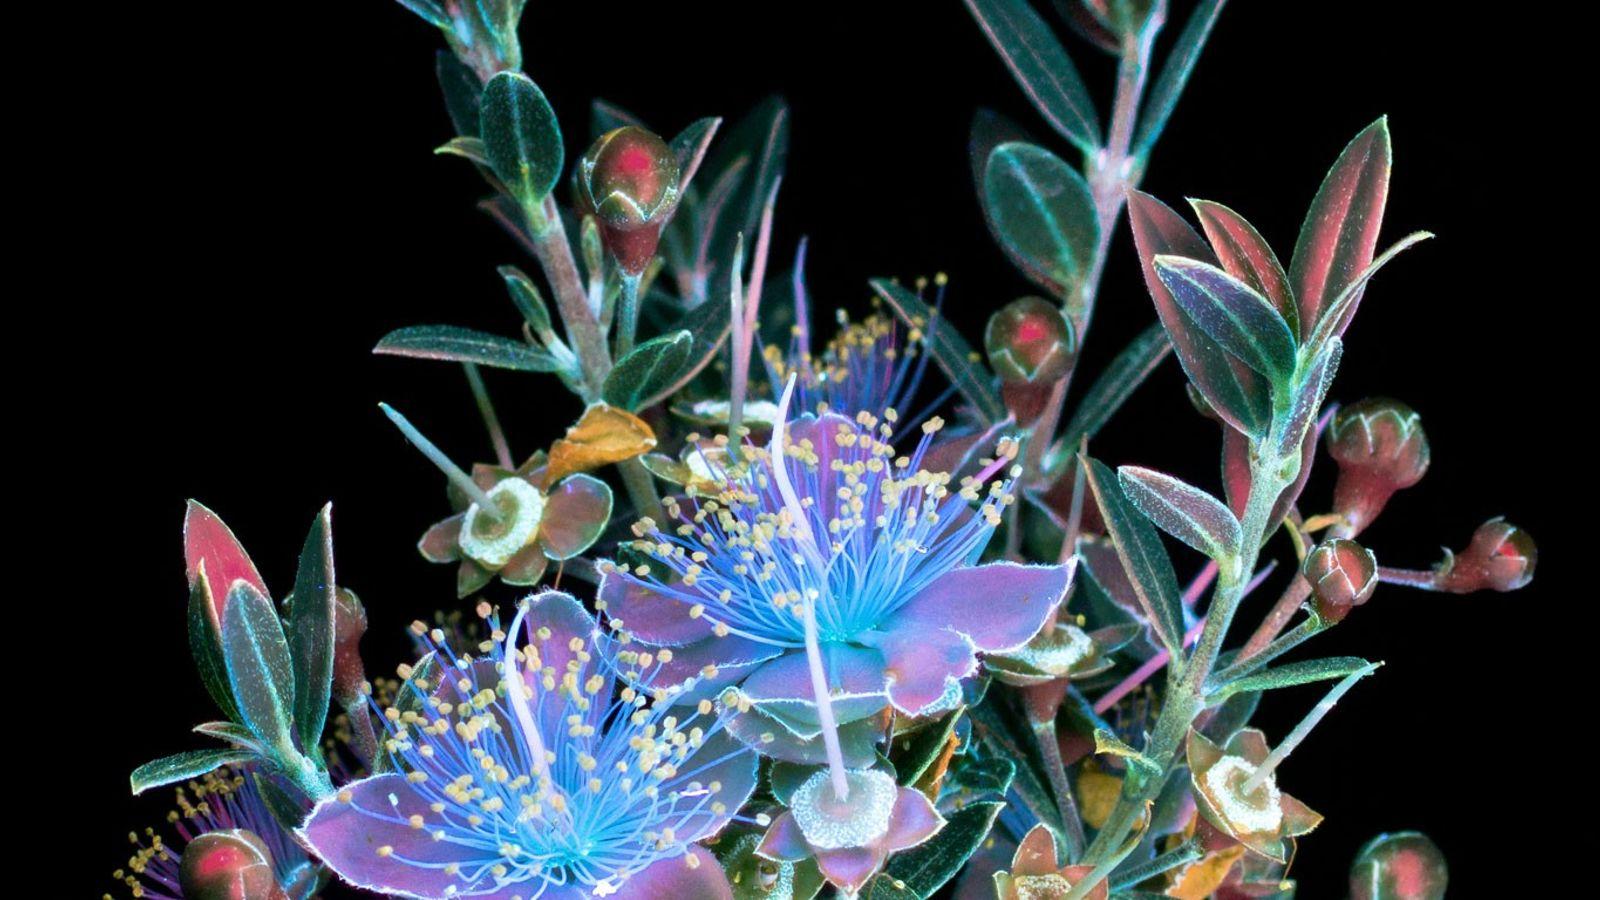 buque-de-flores-luz-ultravioleta